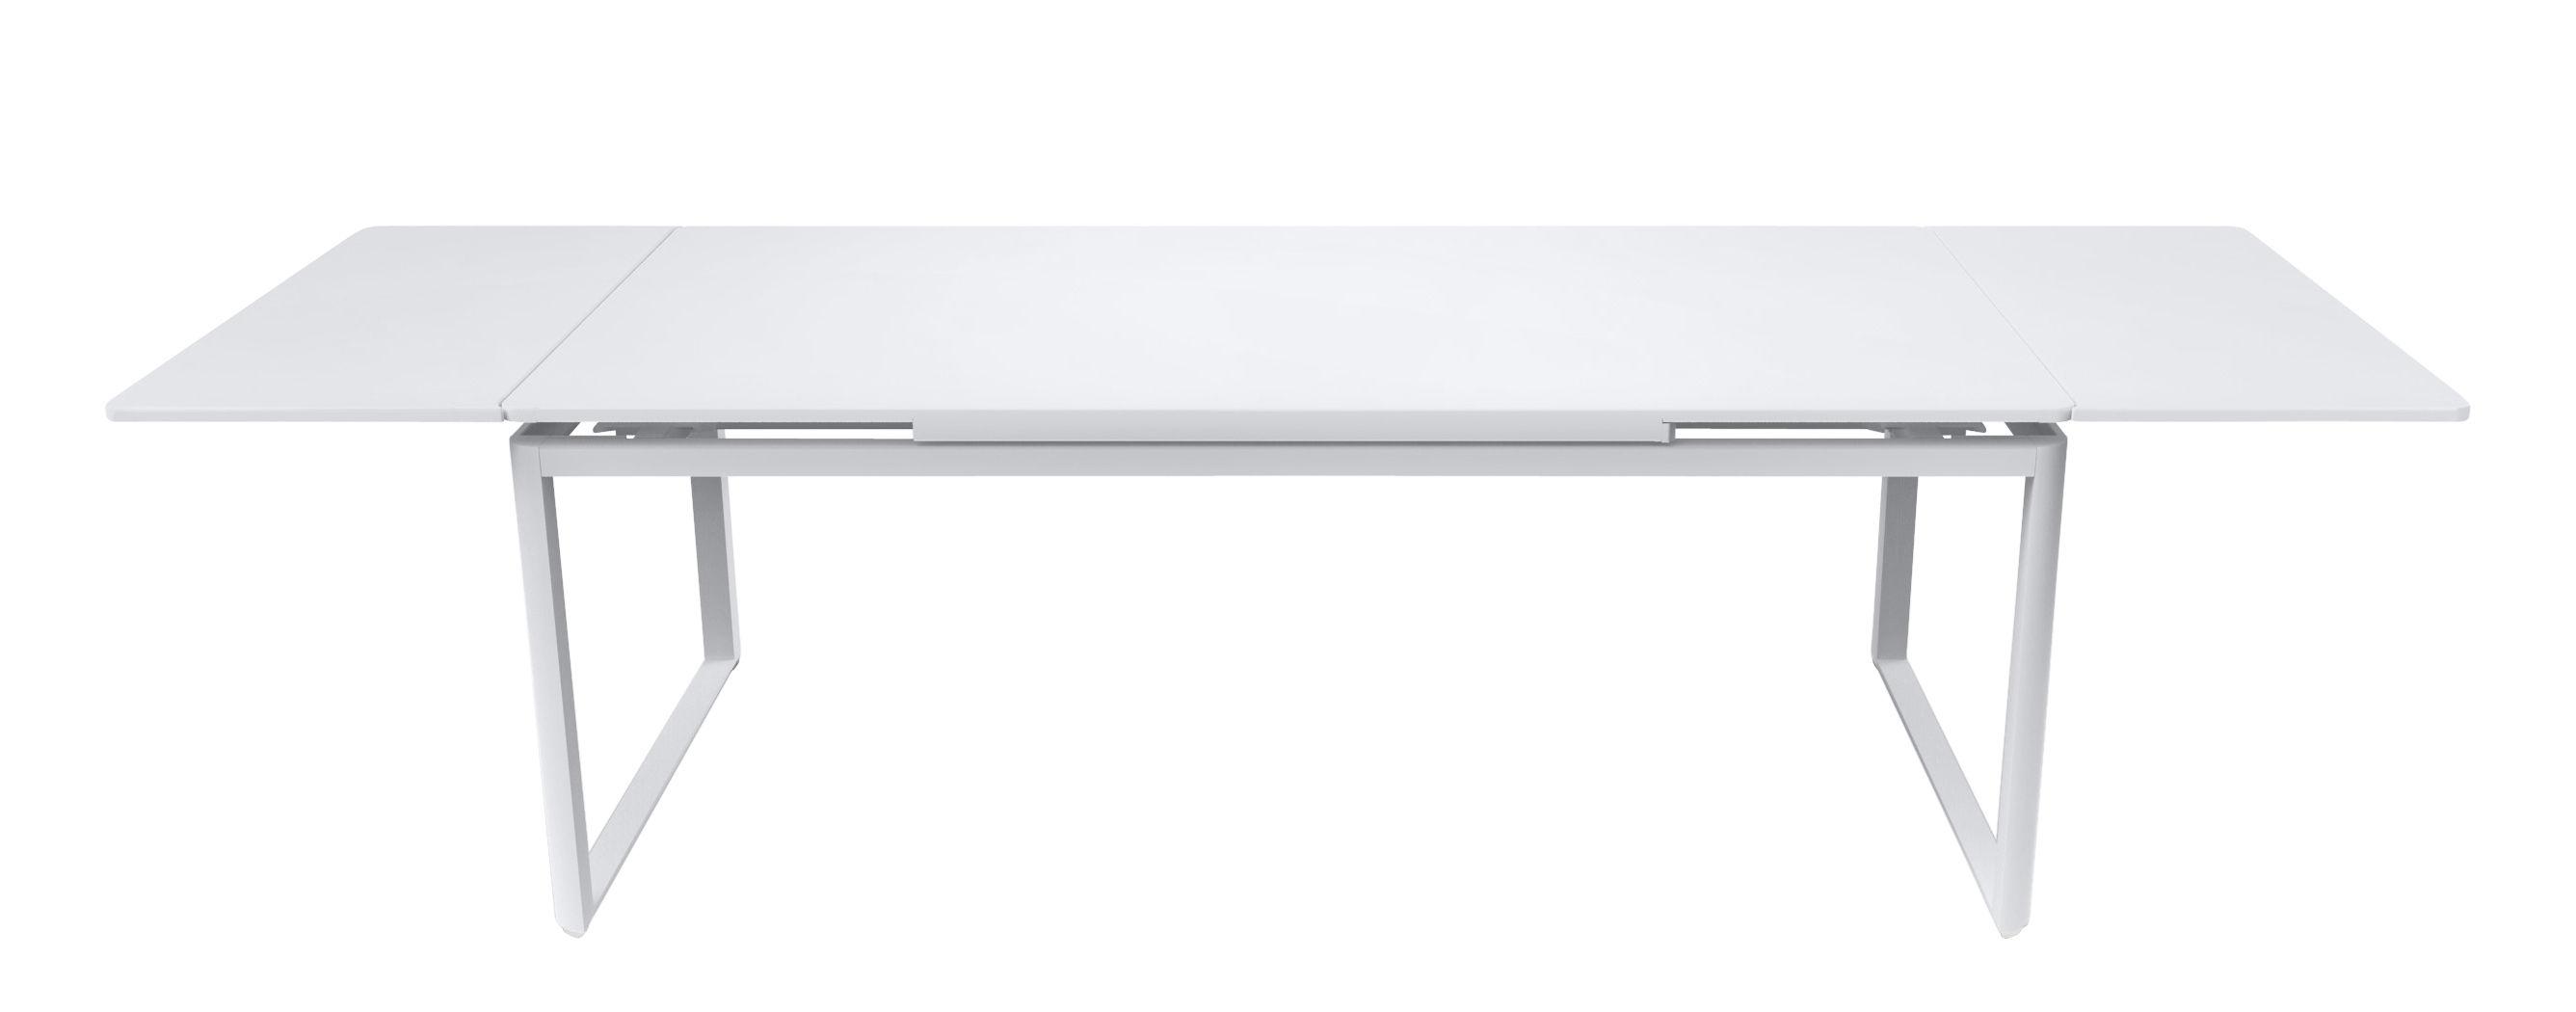 Outdoor - Tavoli  - Tavolo con prolunga Biarritz - allungabile - L 200 a 300 cm di Fermob - Bianco - Acciaio laccato, Alluminio laccato